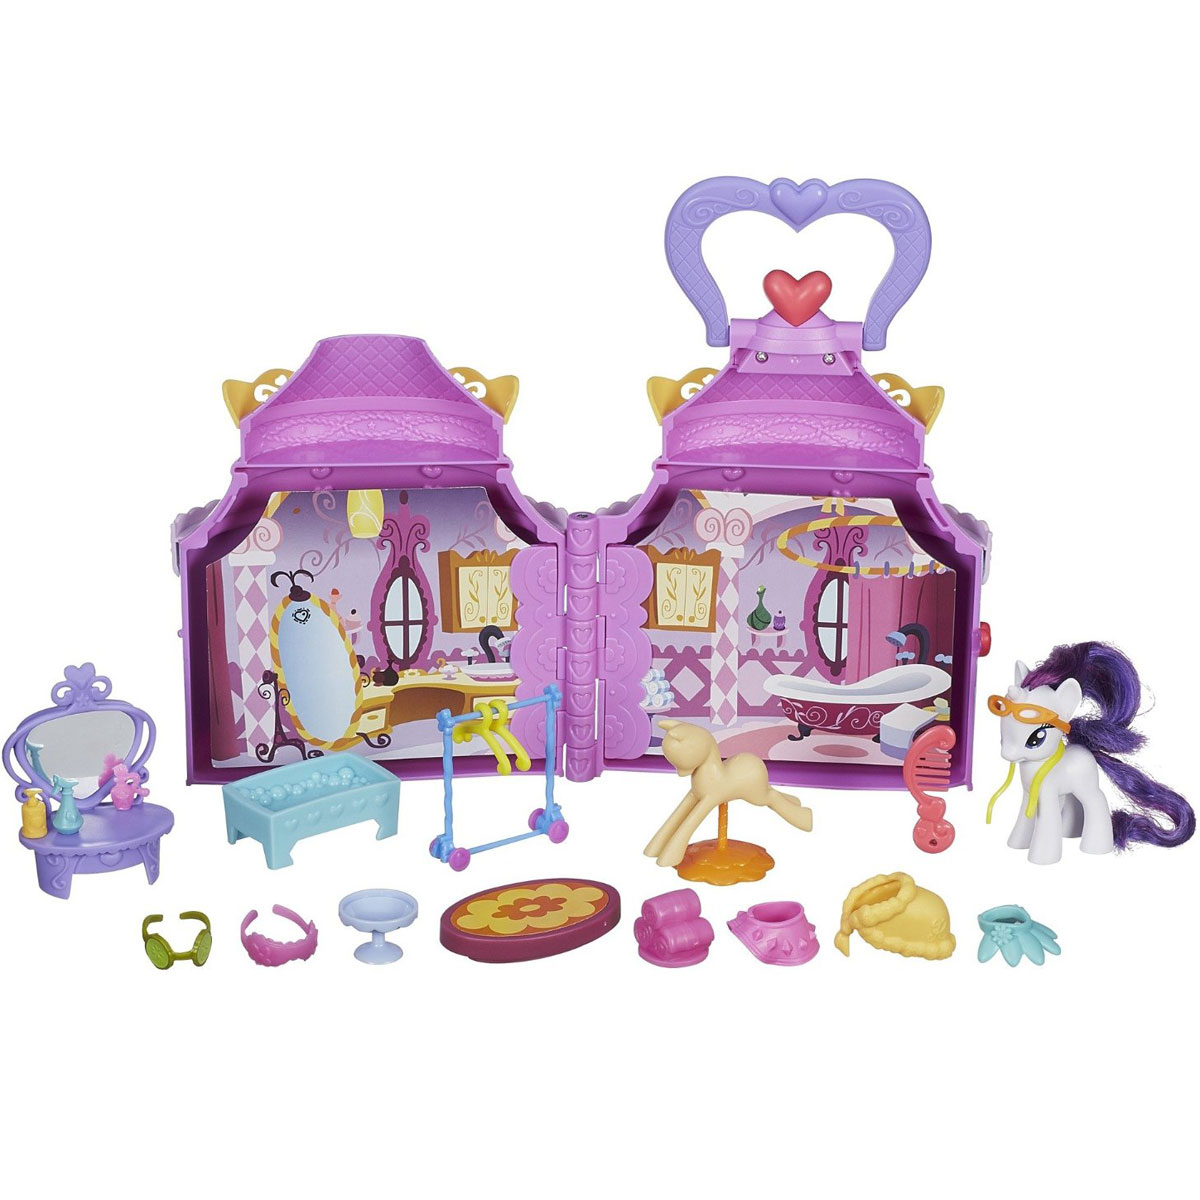 My Little Pony Игровой набор Бутик Рарити игровые наборы hasbro игровой набор туалетный столик рарити